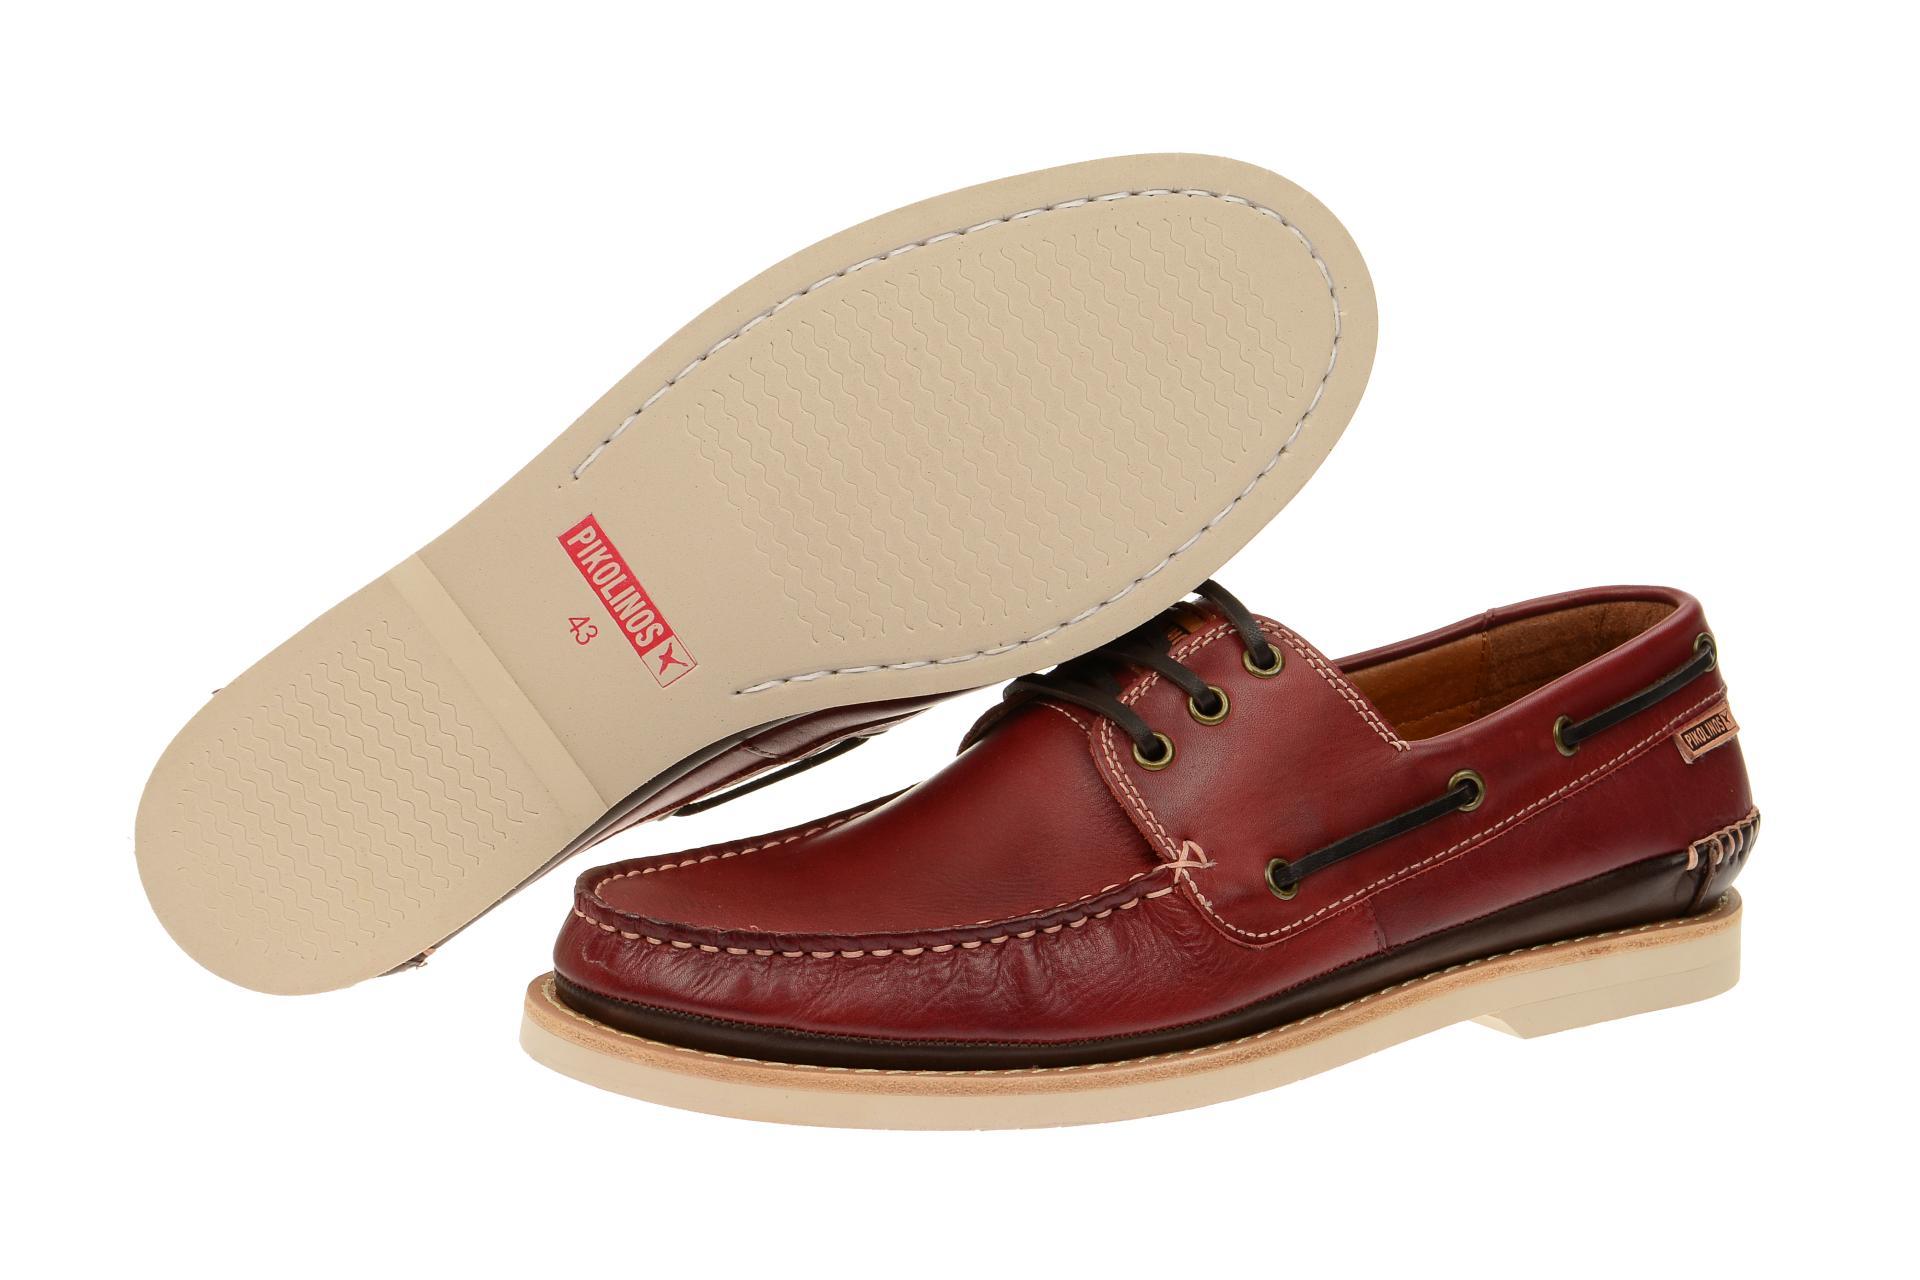 Pikolinos Schuhe TORREMOLINOS rot Herrenschuhe 08Q 6570 arcilla